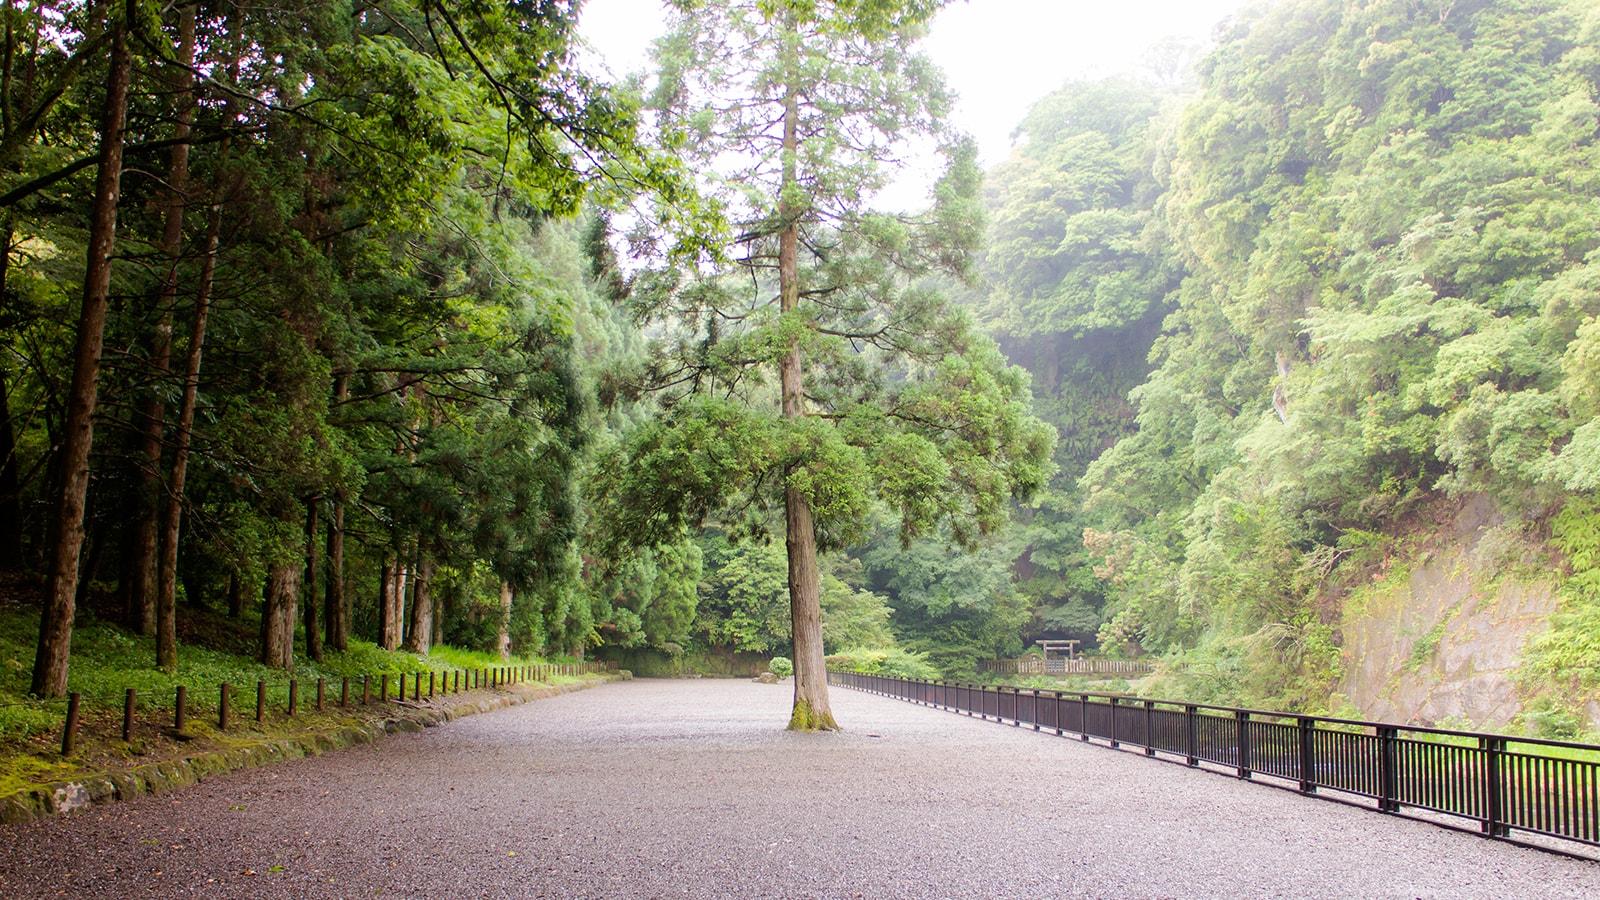 日本書紀の神話に登場する日本の父の眠る吾平山上陵 - - 鹿児島県鹿屋市の観光、撮影スポット- -